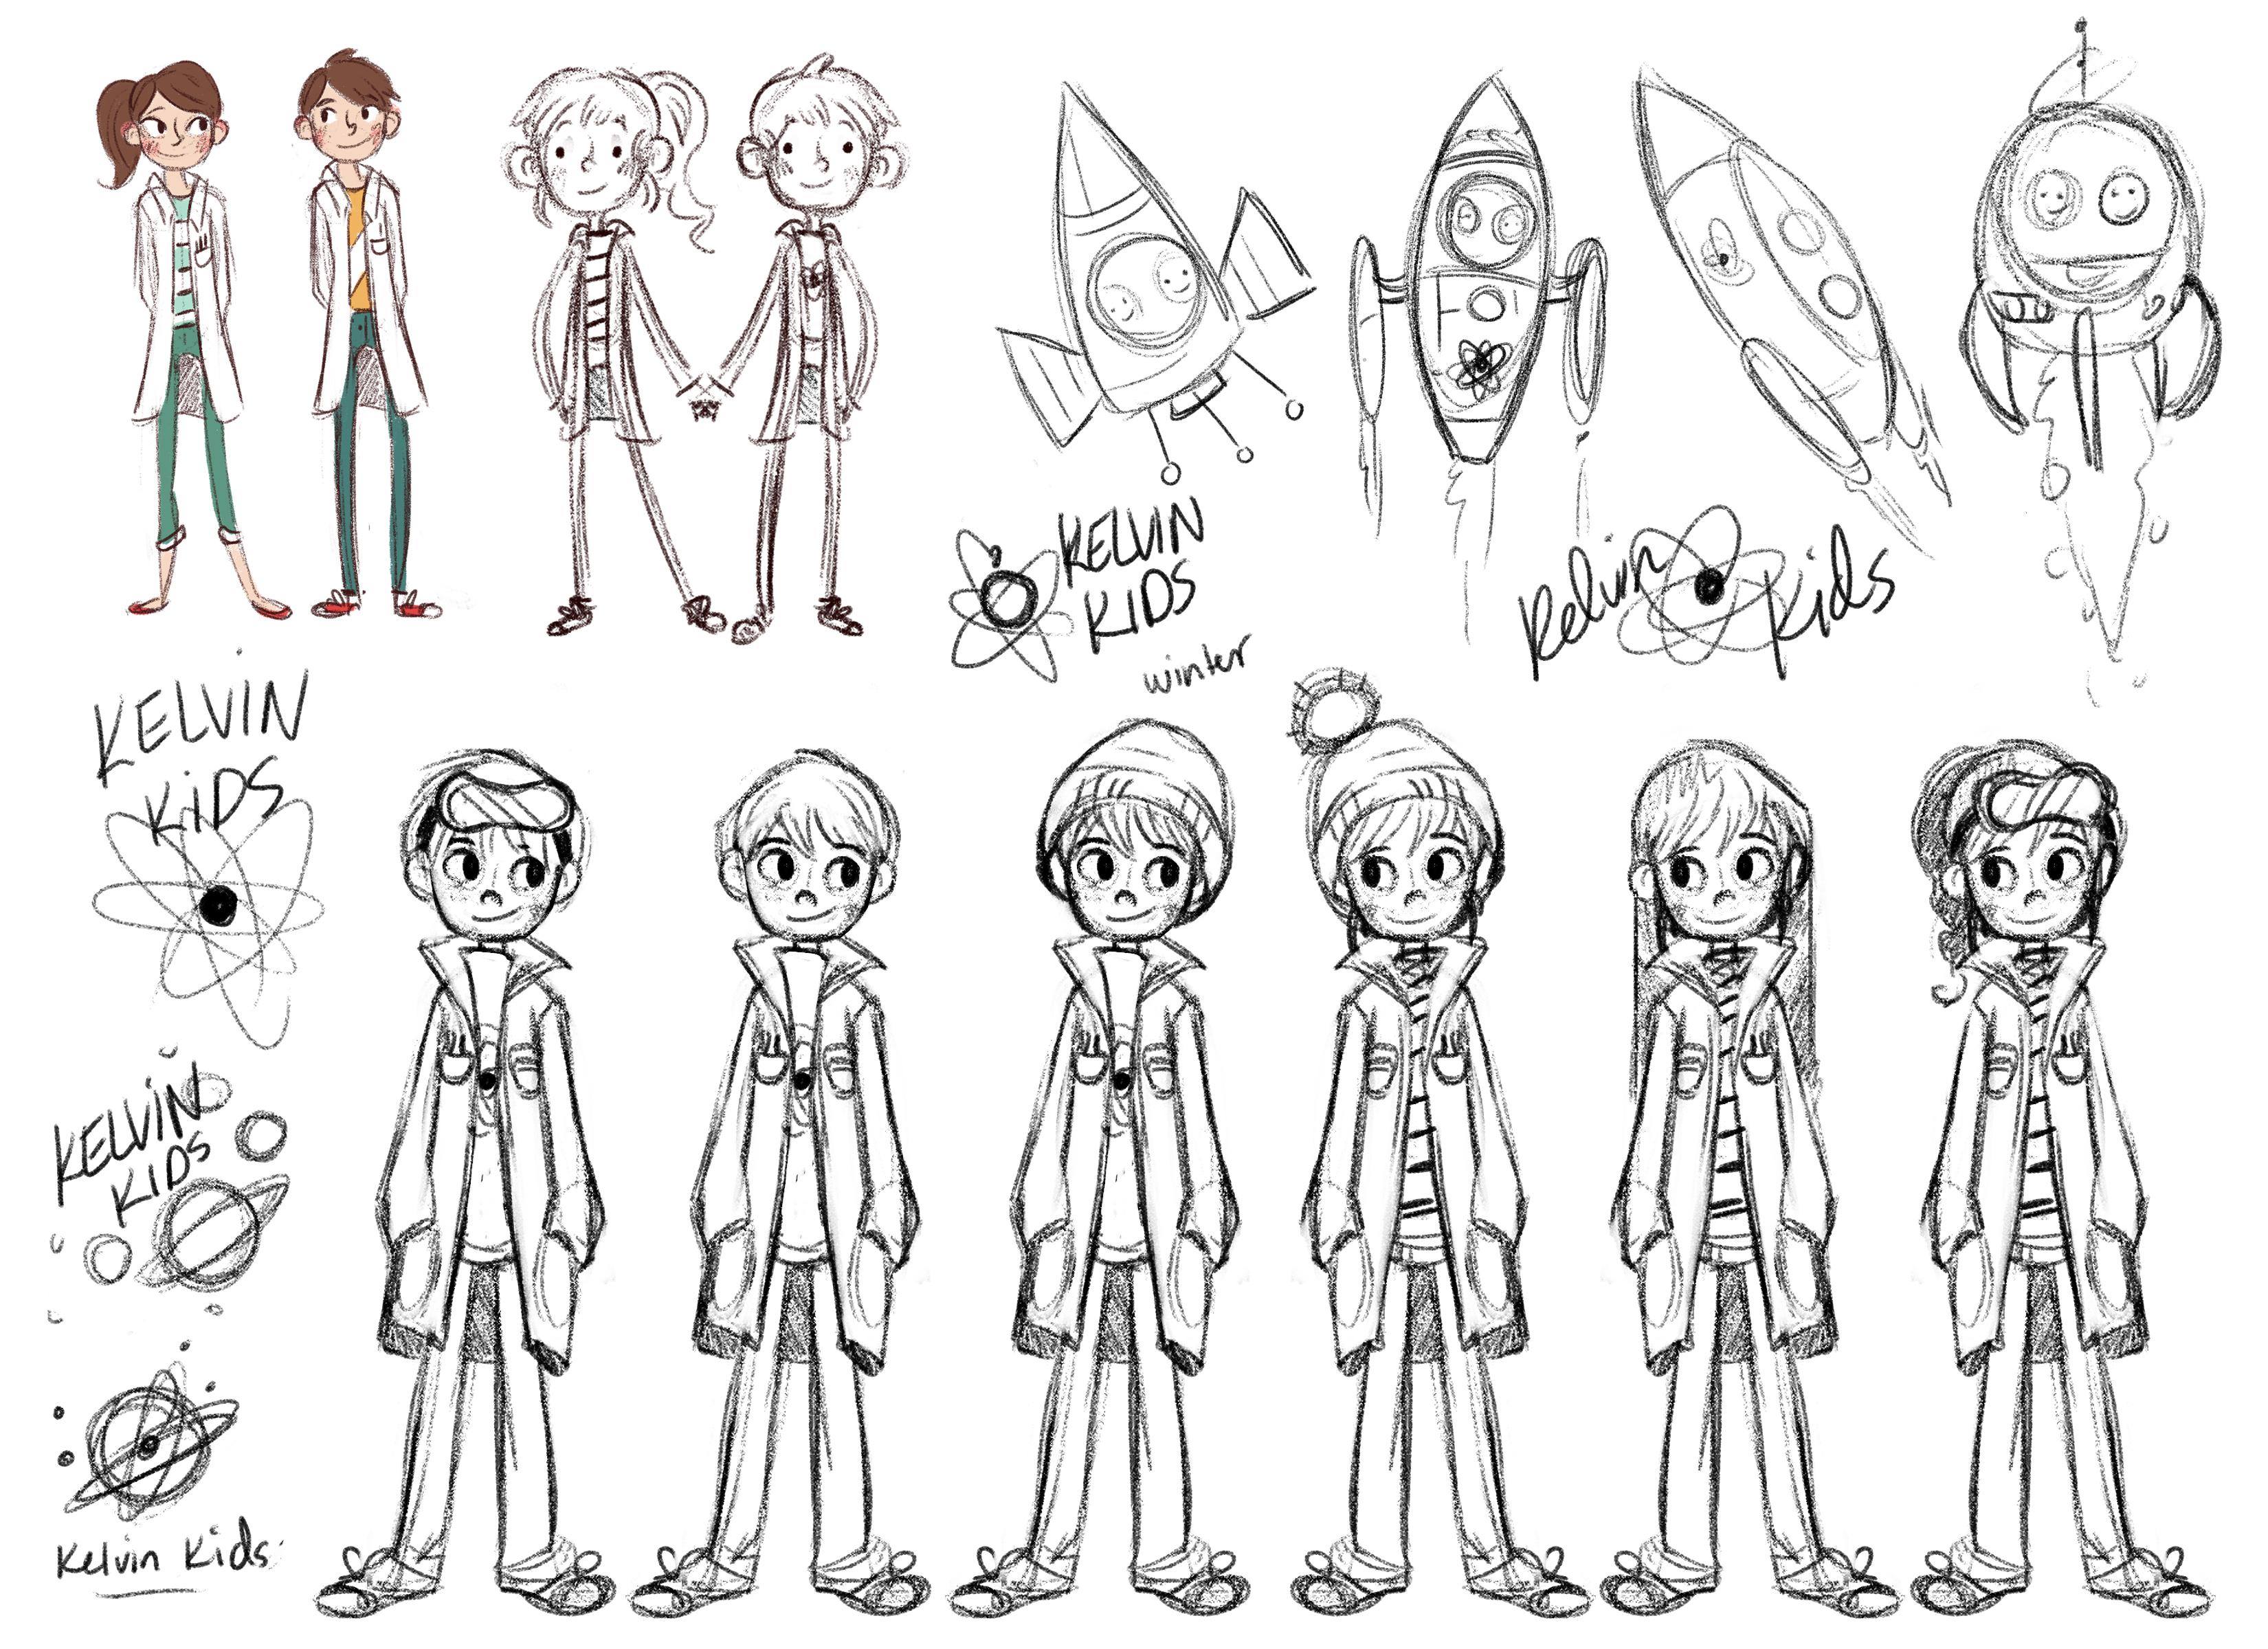 Kelvin Kids Character Designs